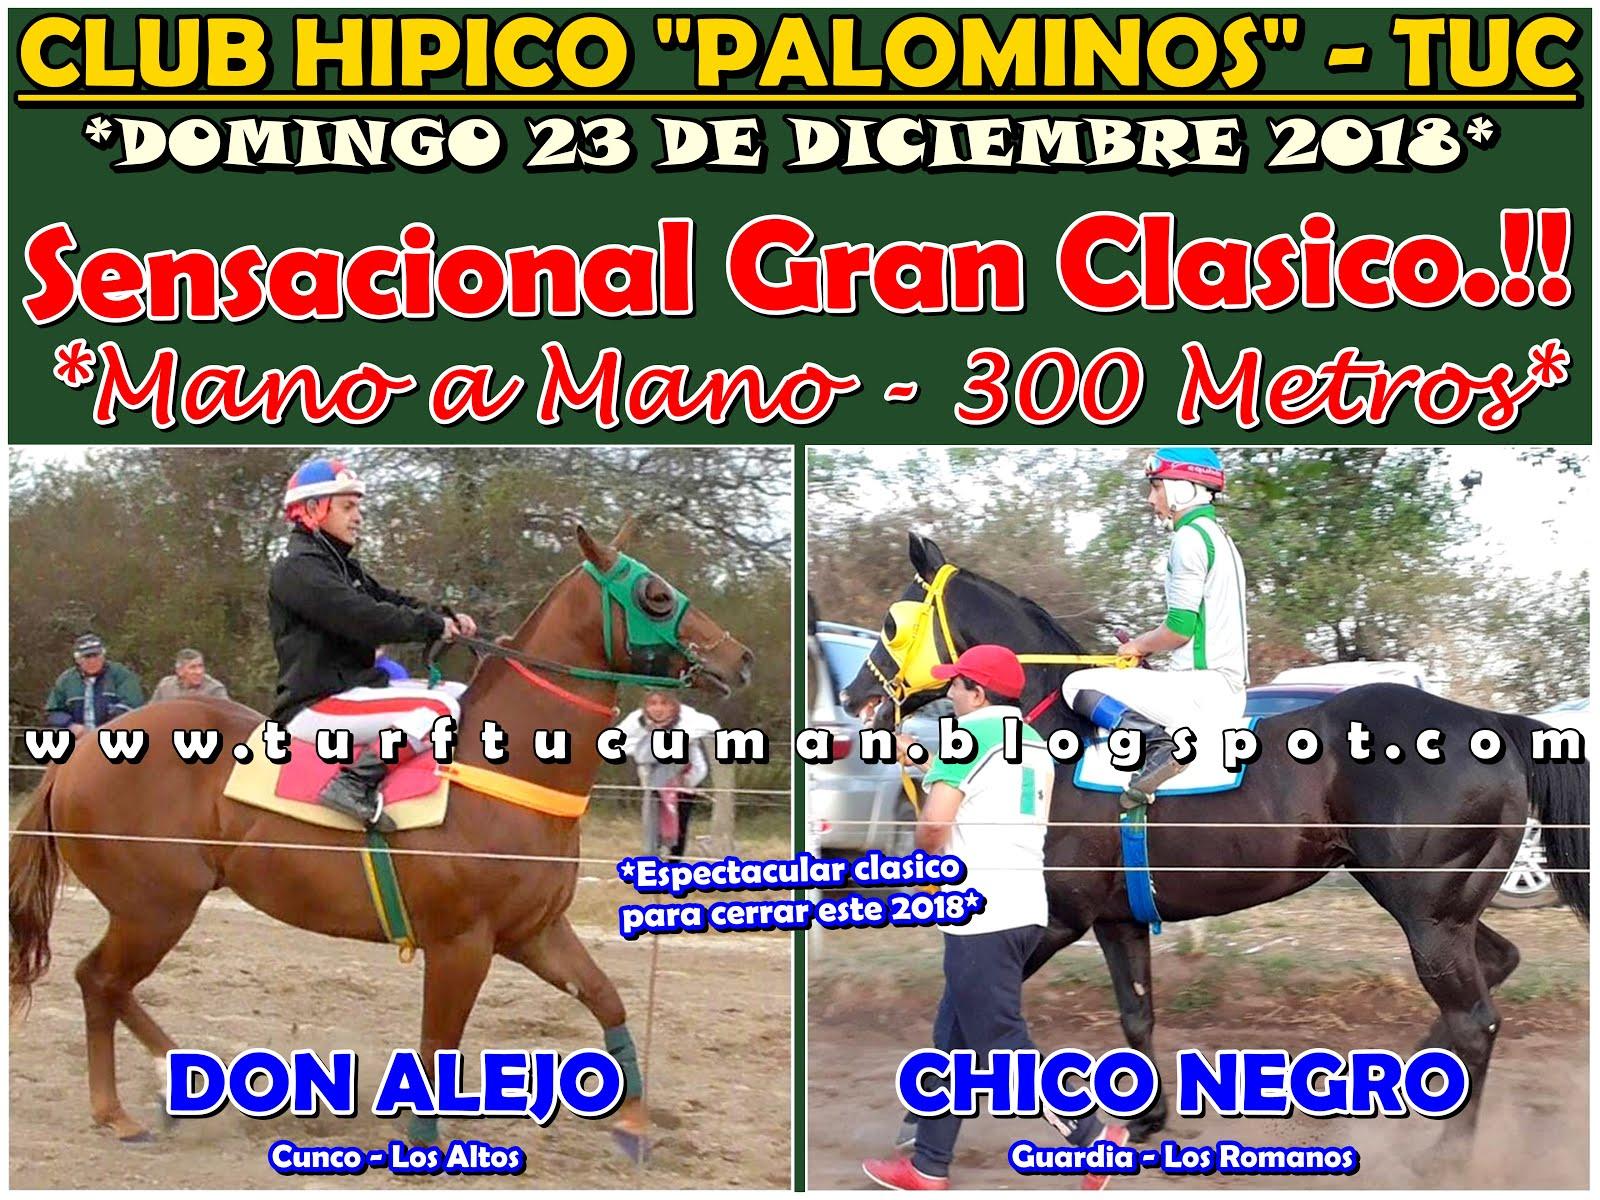 ALEJO VS CHICO NEGRO